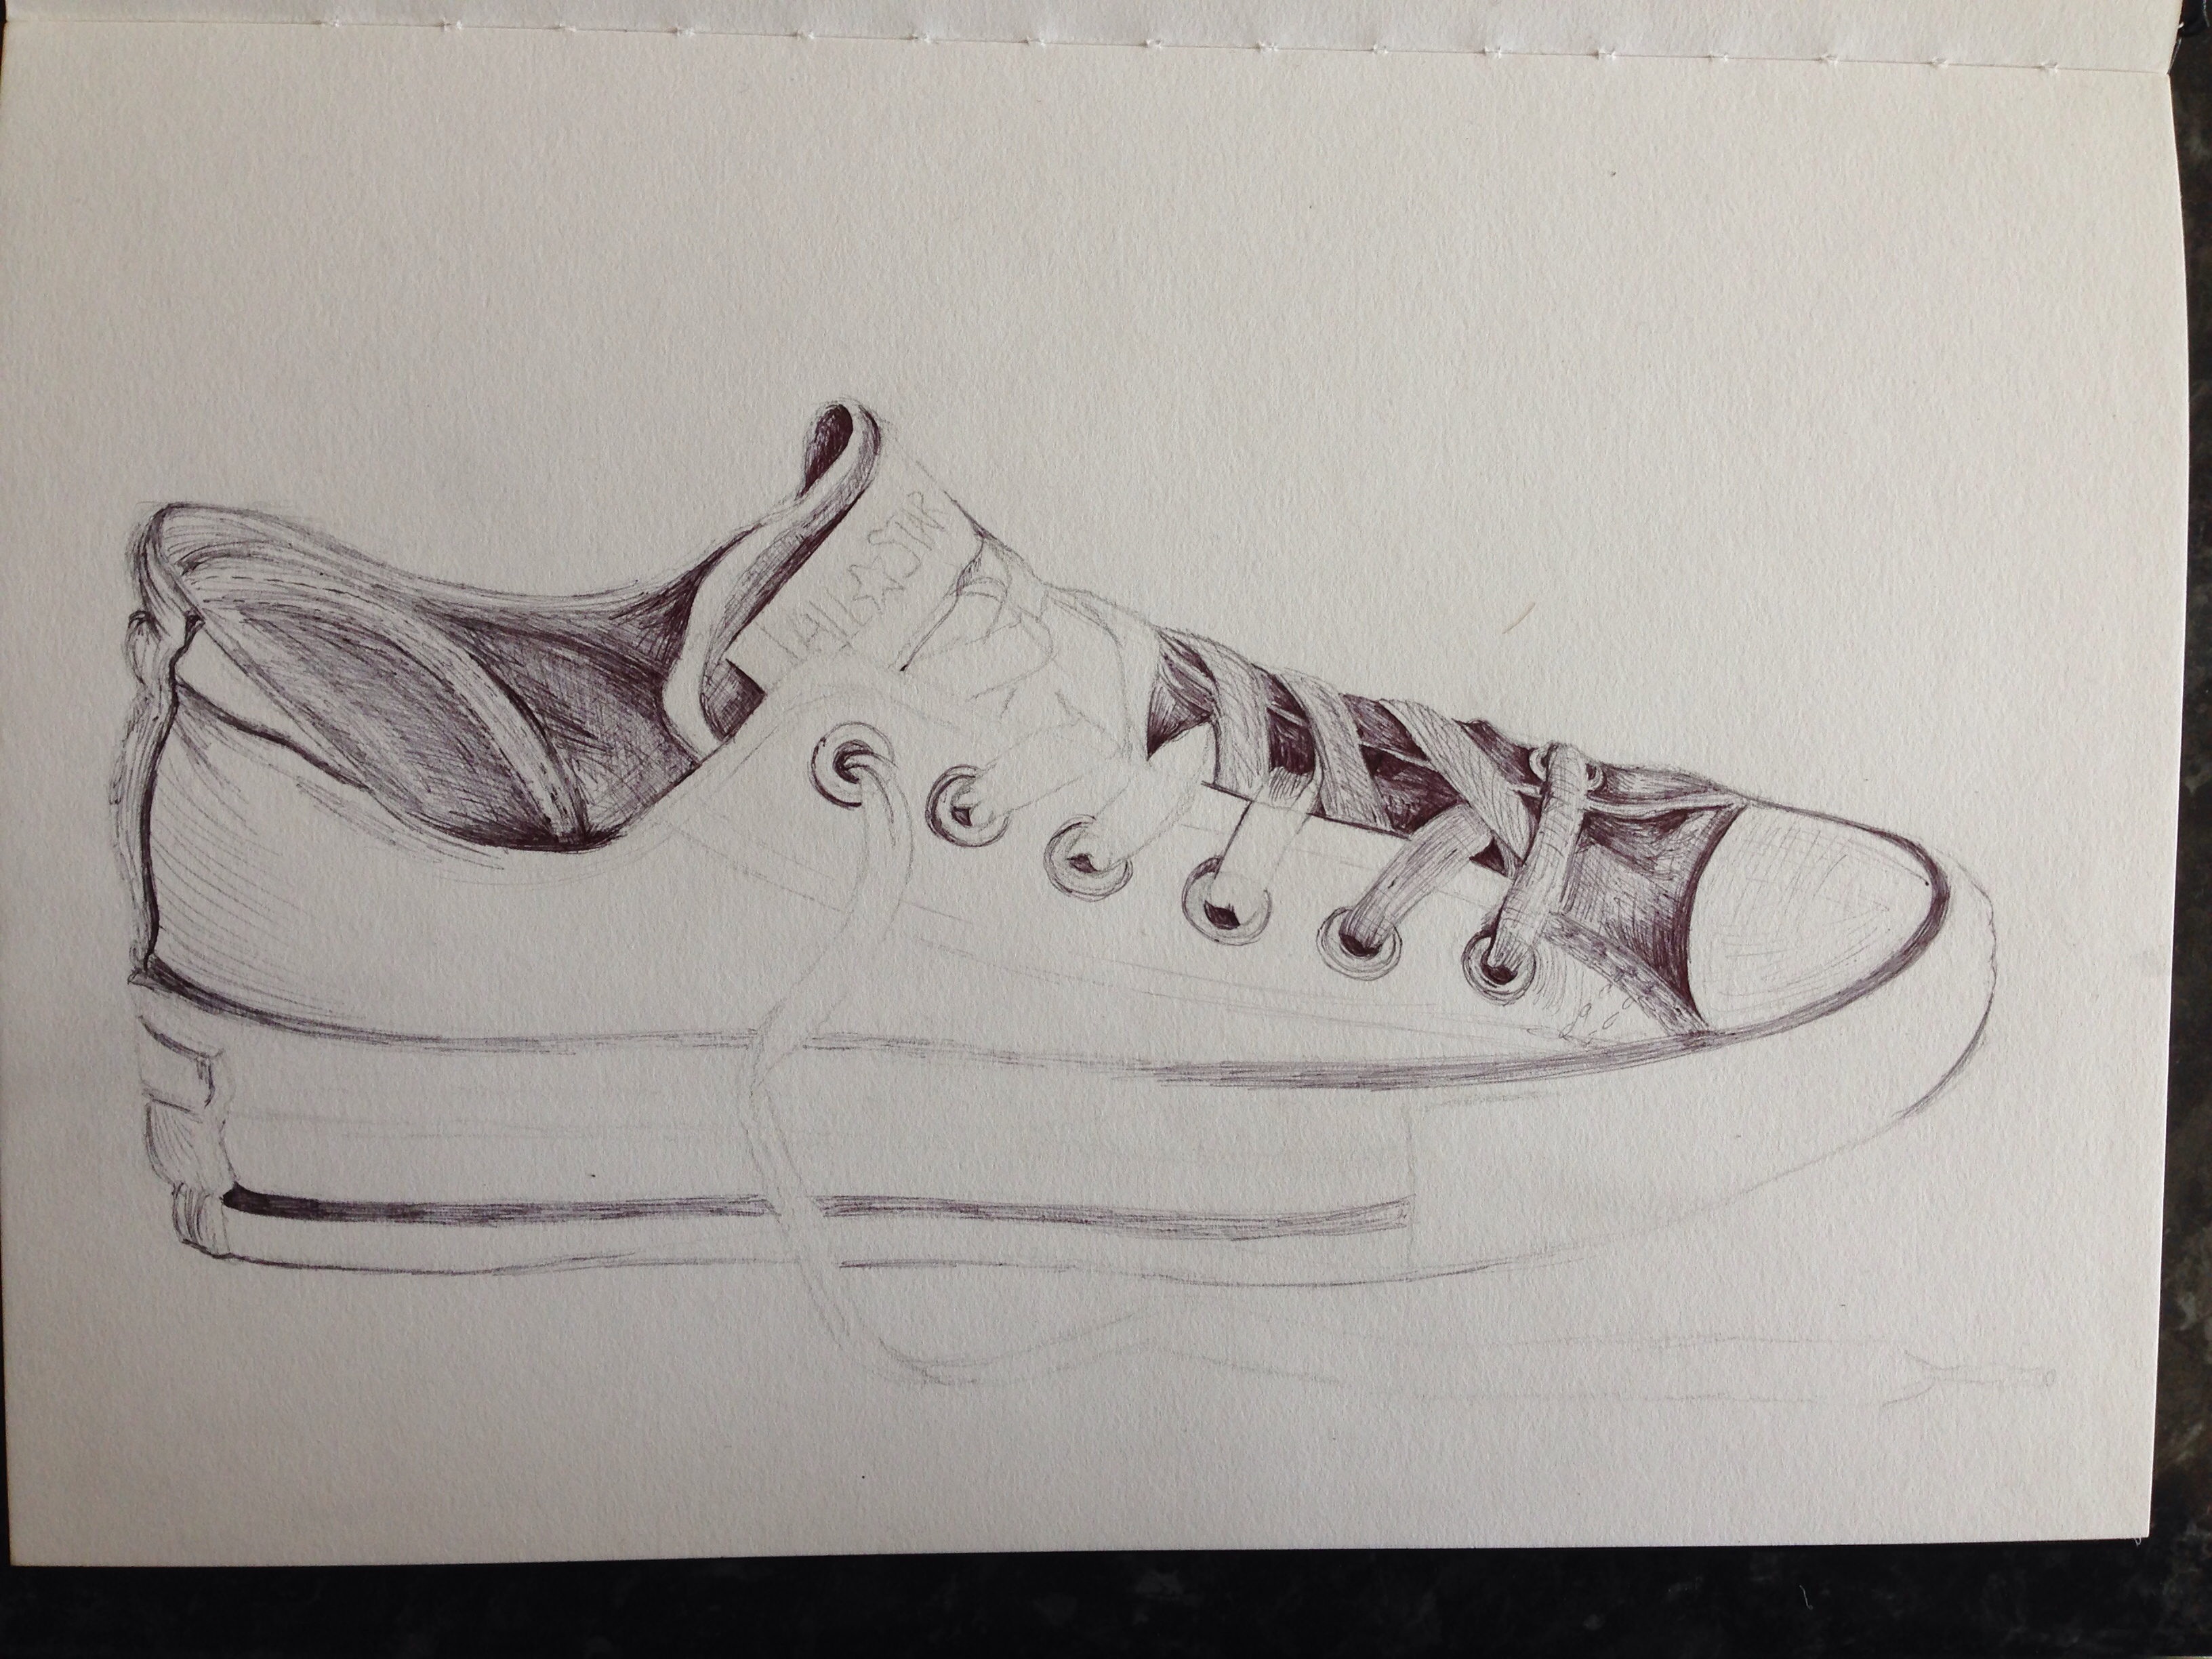 Drawn converse biro Drawings  drawing Drawing and